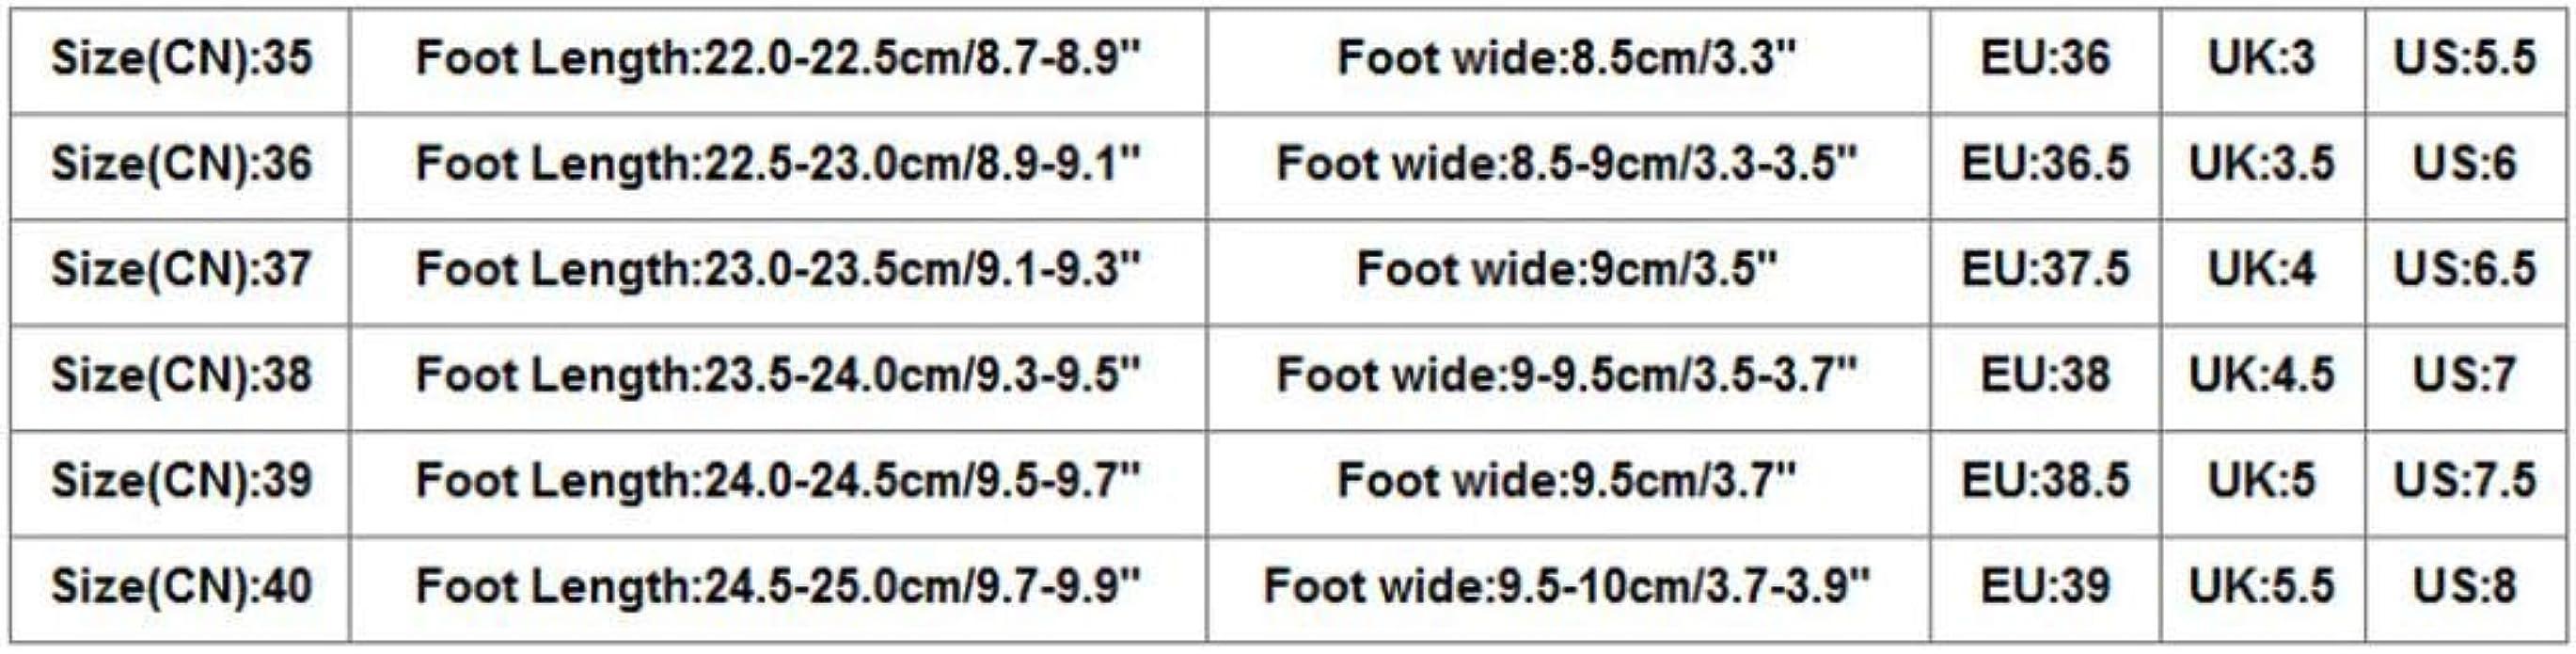 Bottes Femme Compensé Tamaris Ohq Longues Ete Talon En Blanc Hautes Femmes Confortables Chaussures Cher Genou Souple Noir Café Te Sandales Pas Cuir Au 5ARS34cjLq